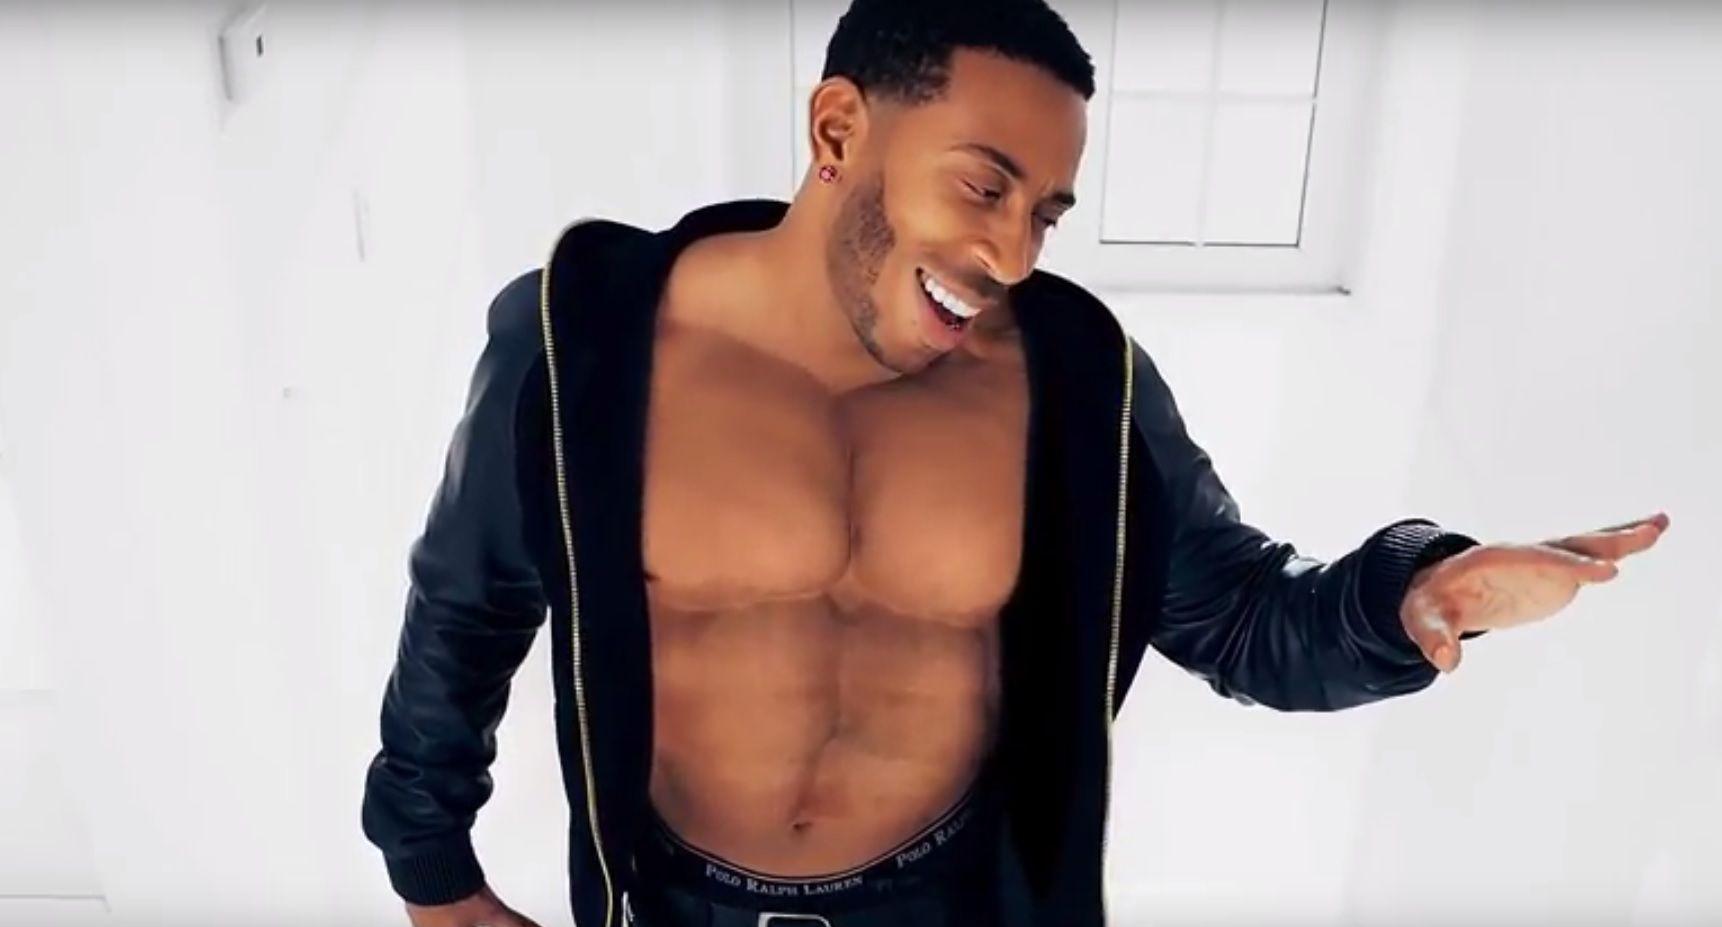 Ludacris' fake abs